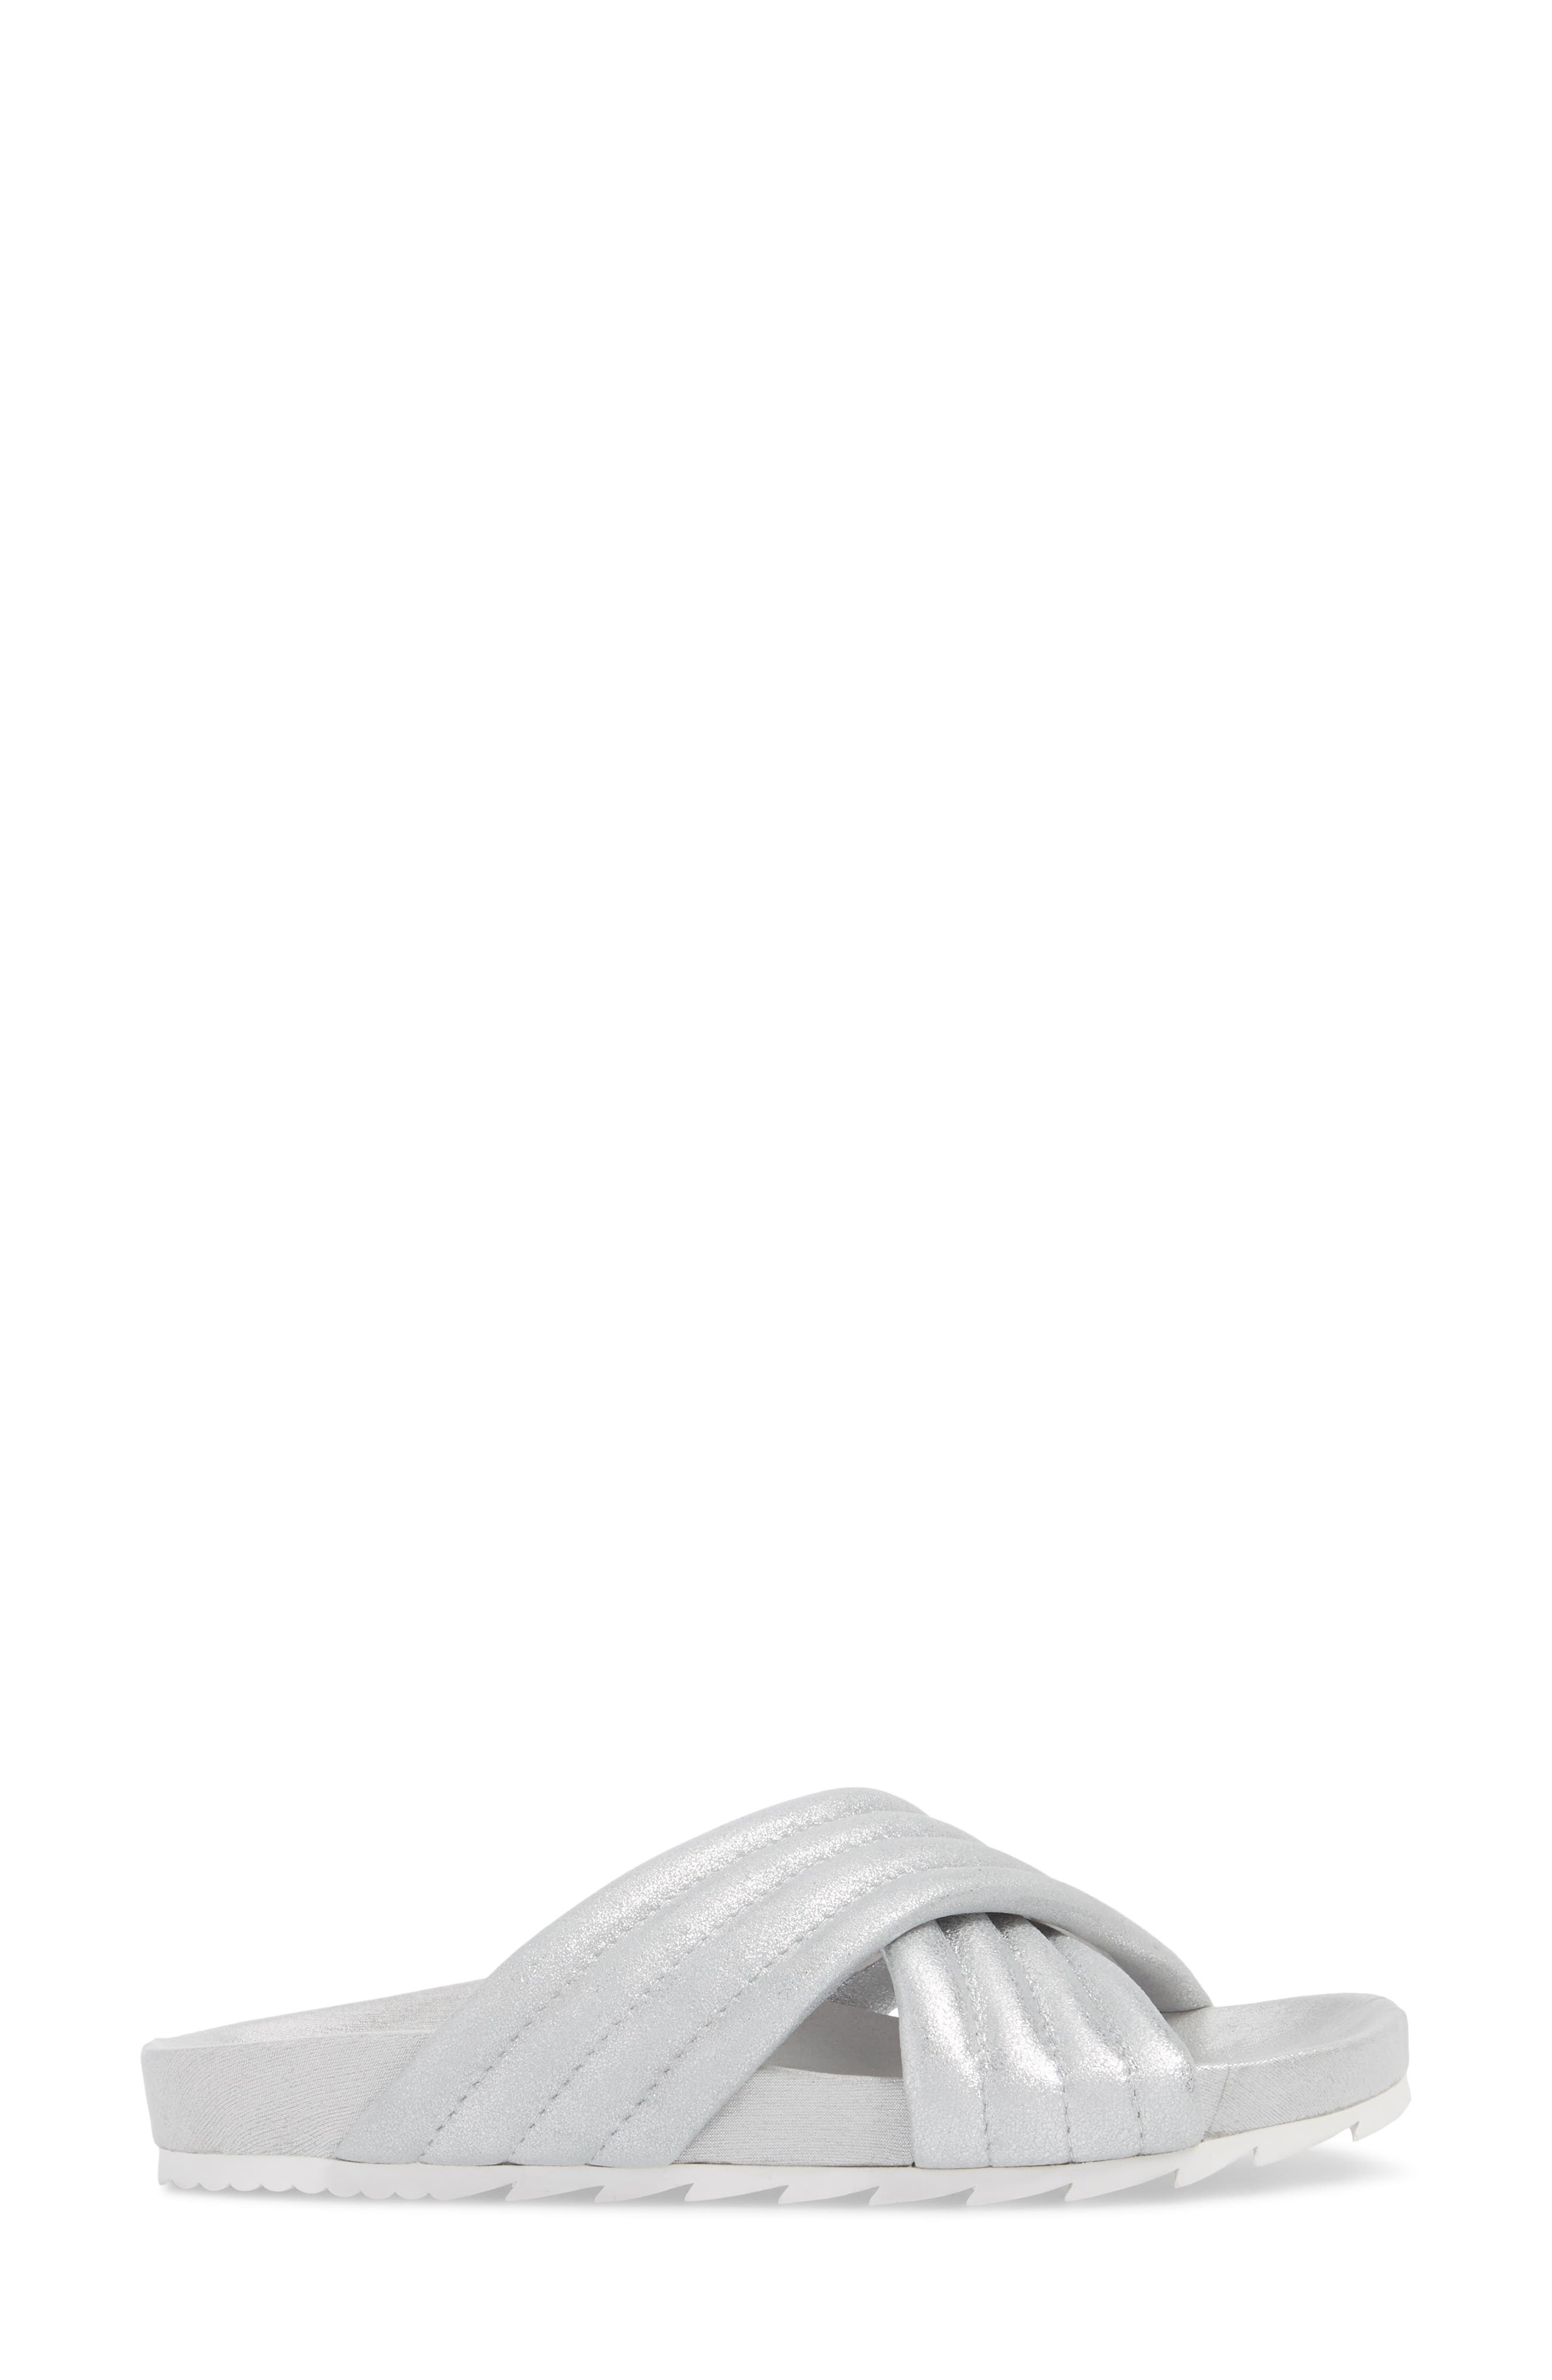 Crisscross Slide Sandal,                             Alternate thumbnail 3, color,                             Silver Metallic Leather